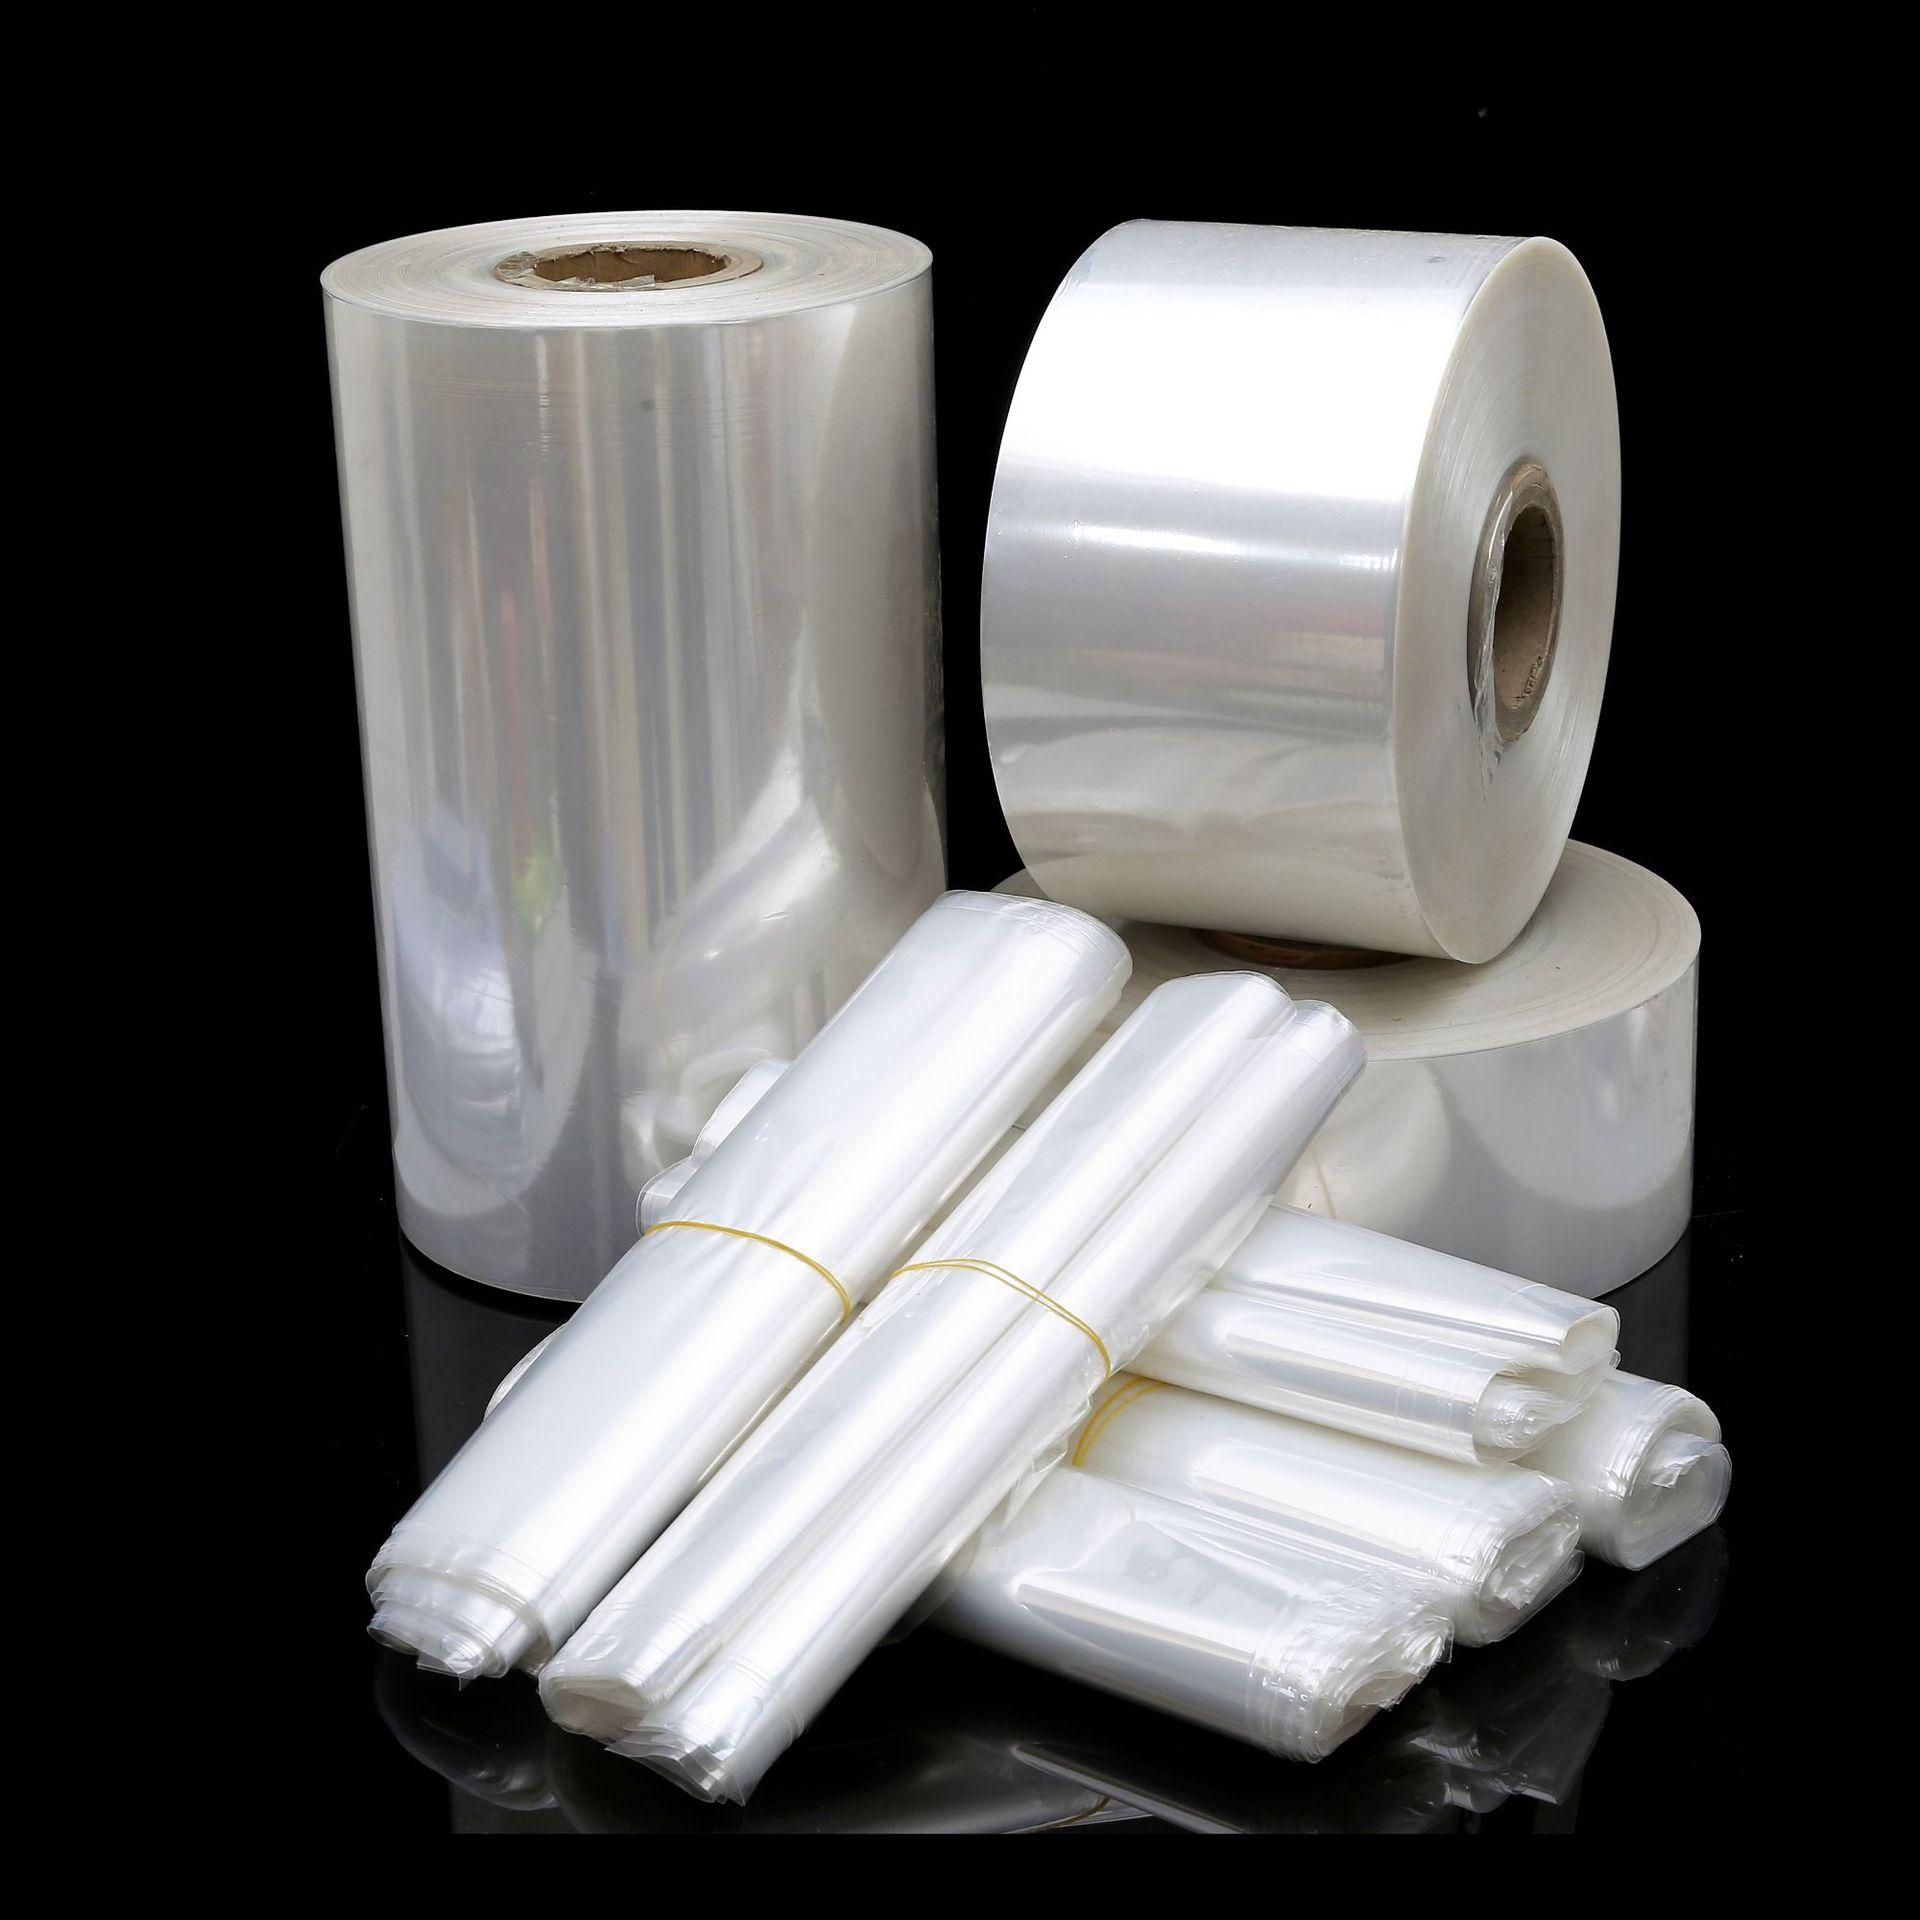 厂家直销 POF通用透明塑料热收缩膜环保无毒 拉伸性强包装膜 定制